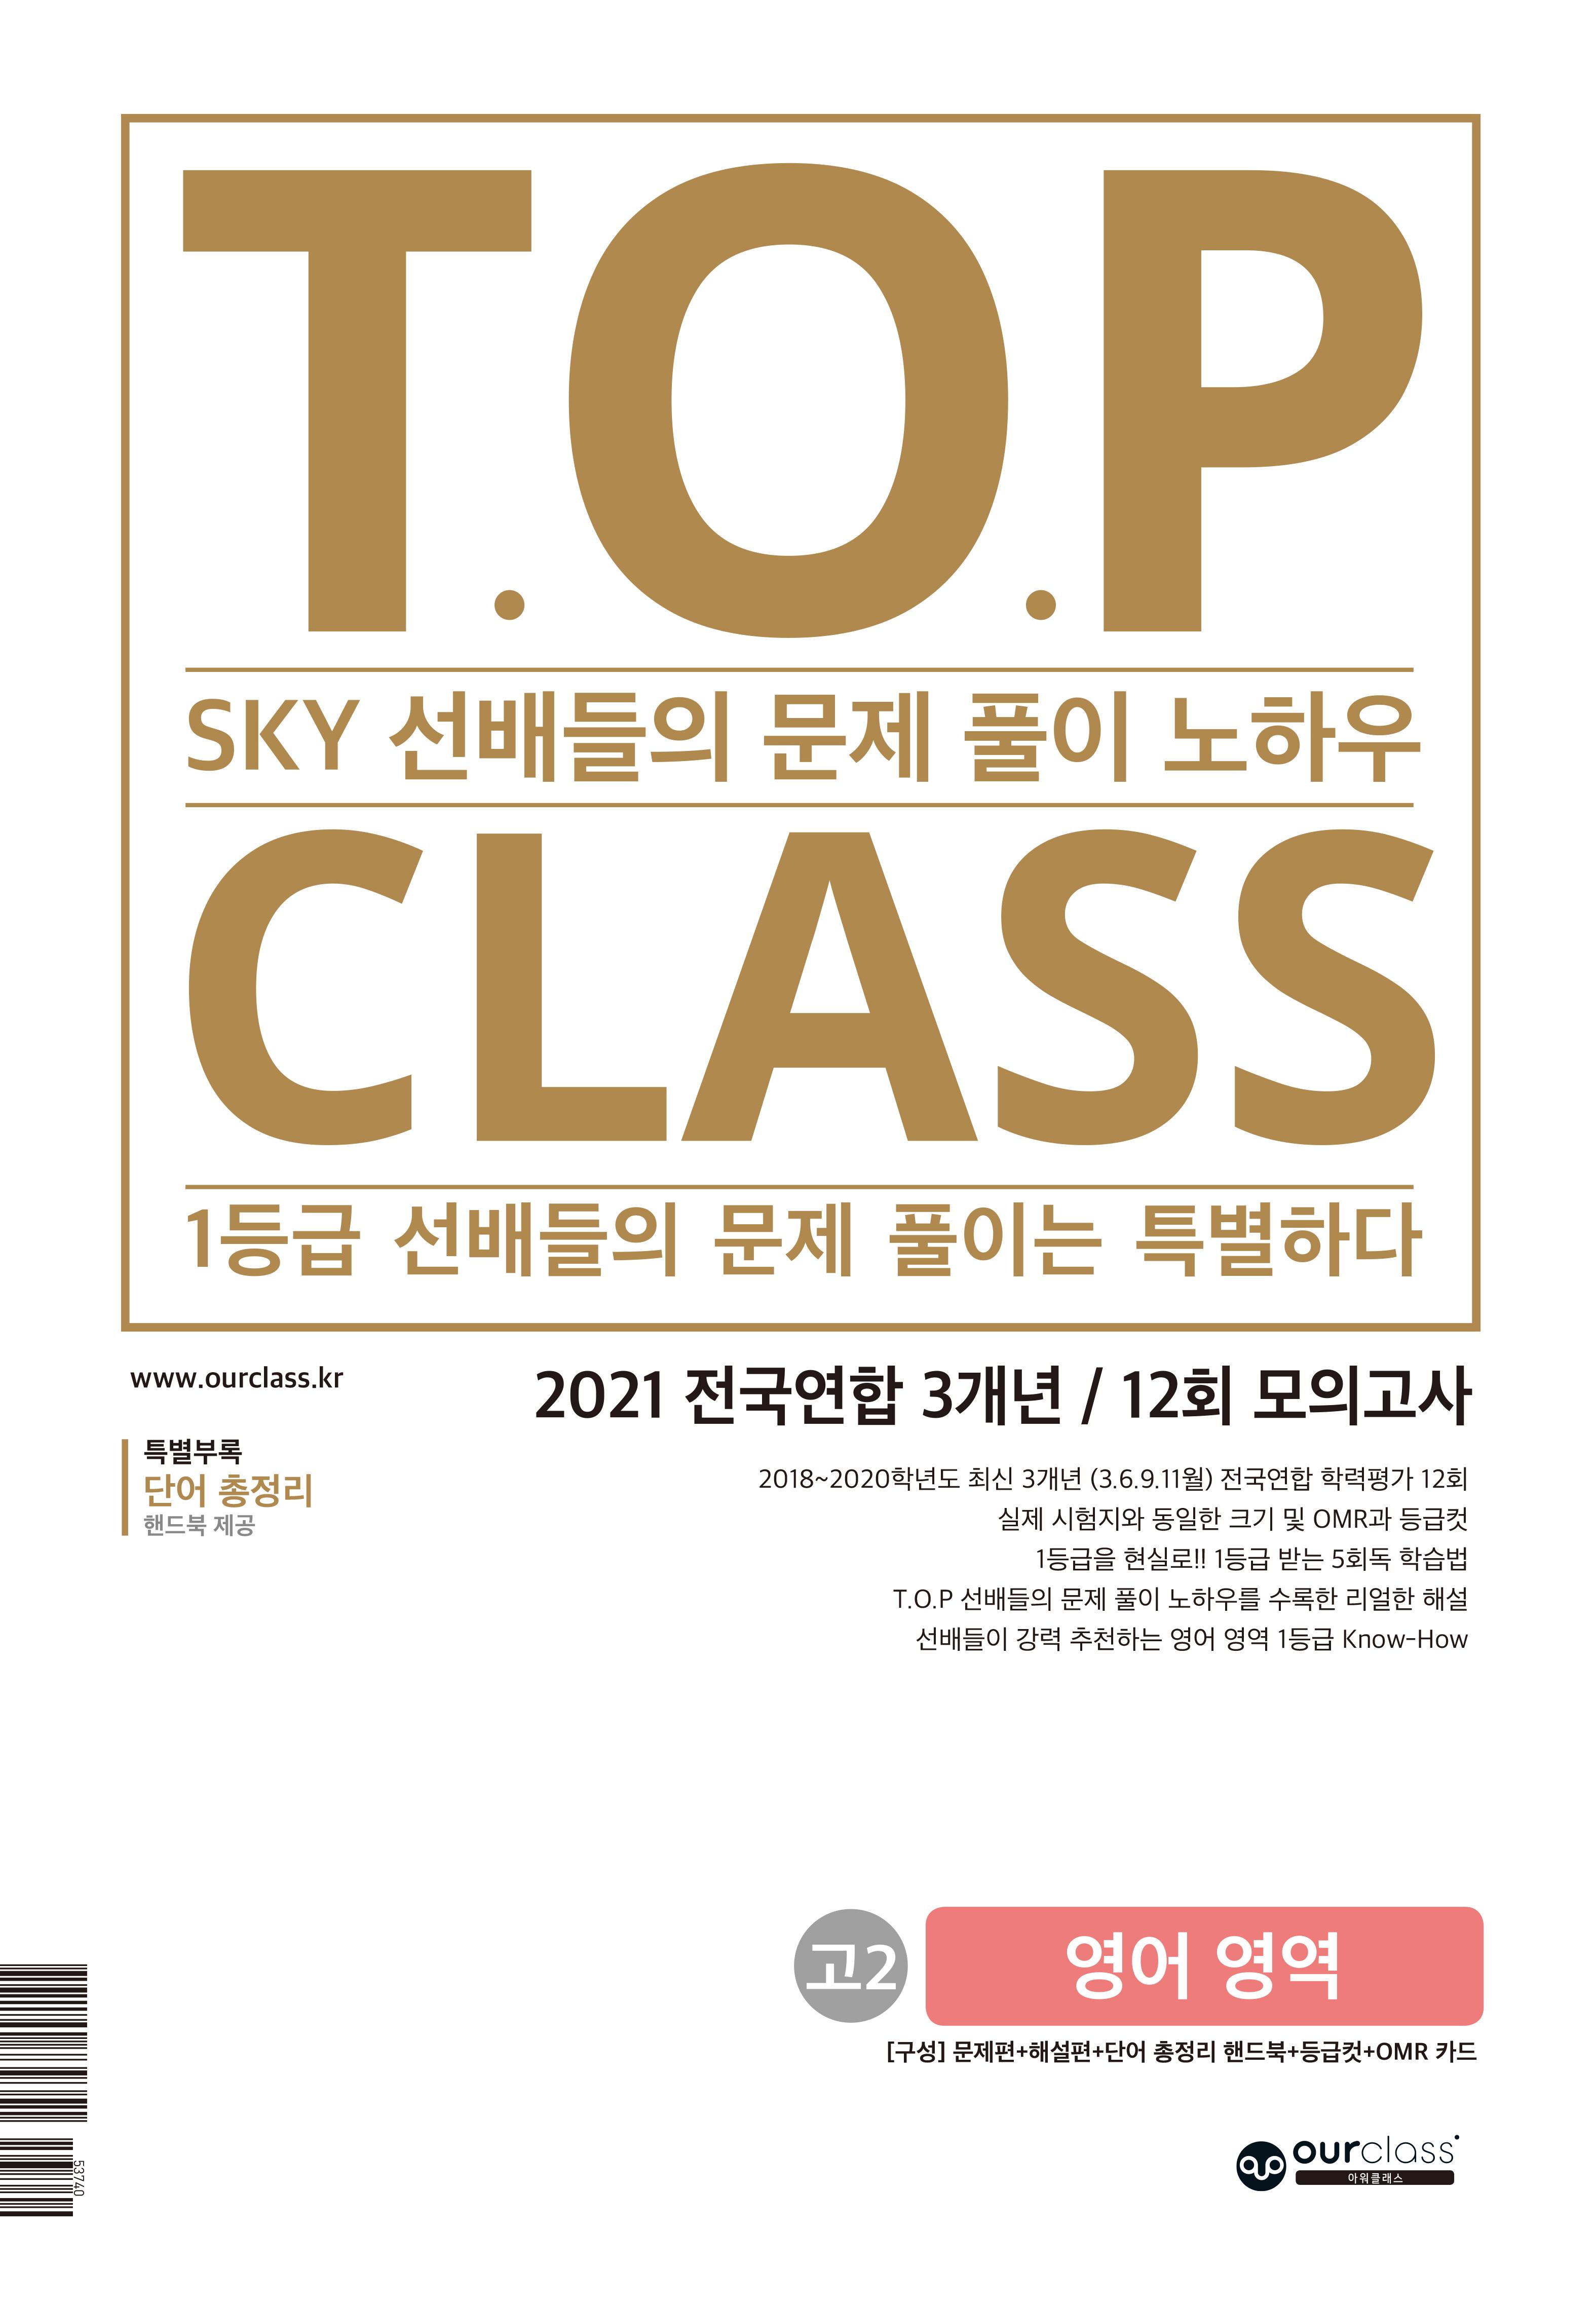 [고2 영어 영역]T.O.P CLASS : SKY 선배들의 문제 풀이 노하우